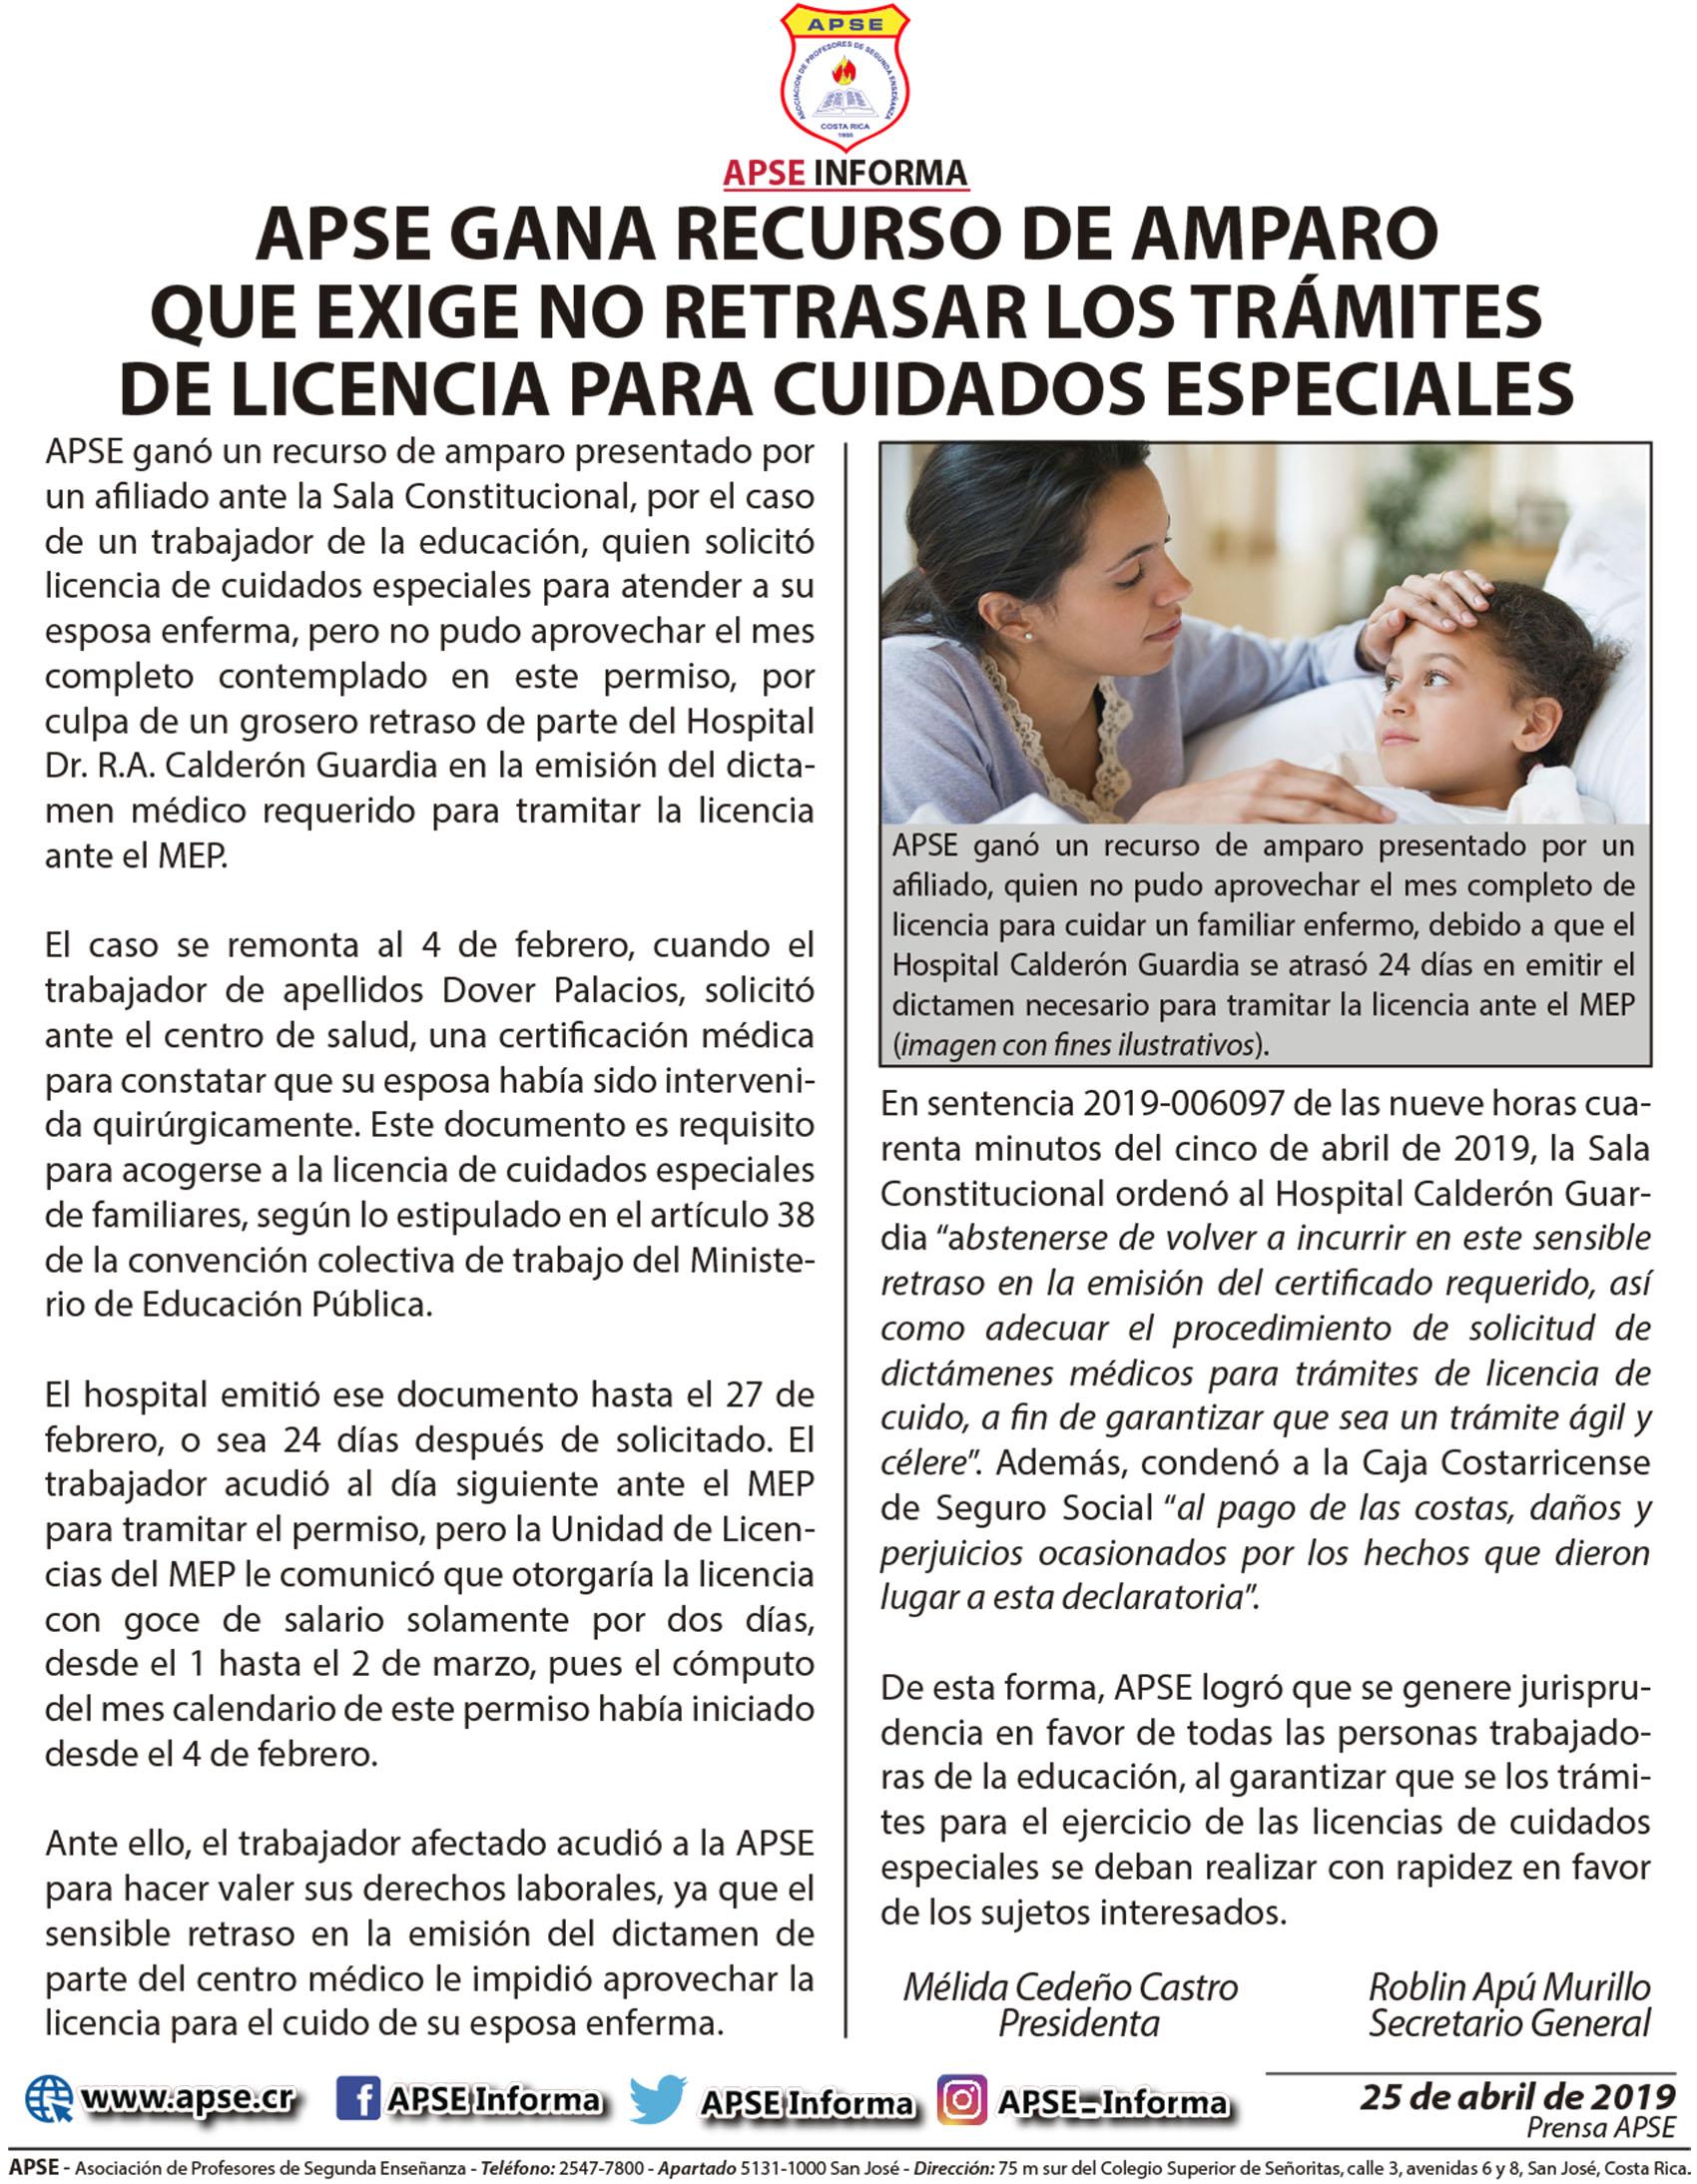 APSE GANA RECURSO DE AMPARO QUE EXIGE NO RETRASAR LOS TRÁMITES DE LICENCIA PARA CUIDADOS ESPECIALES